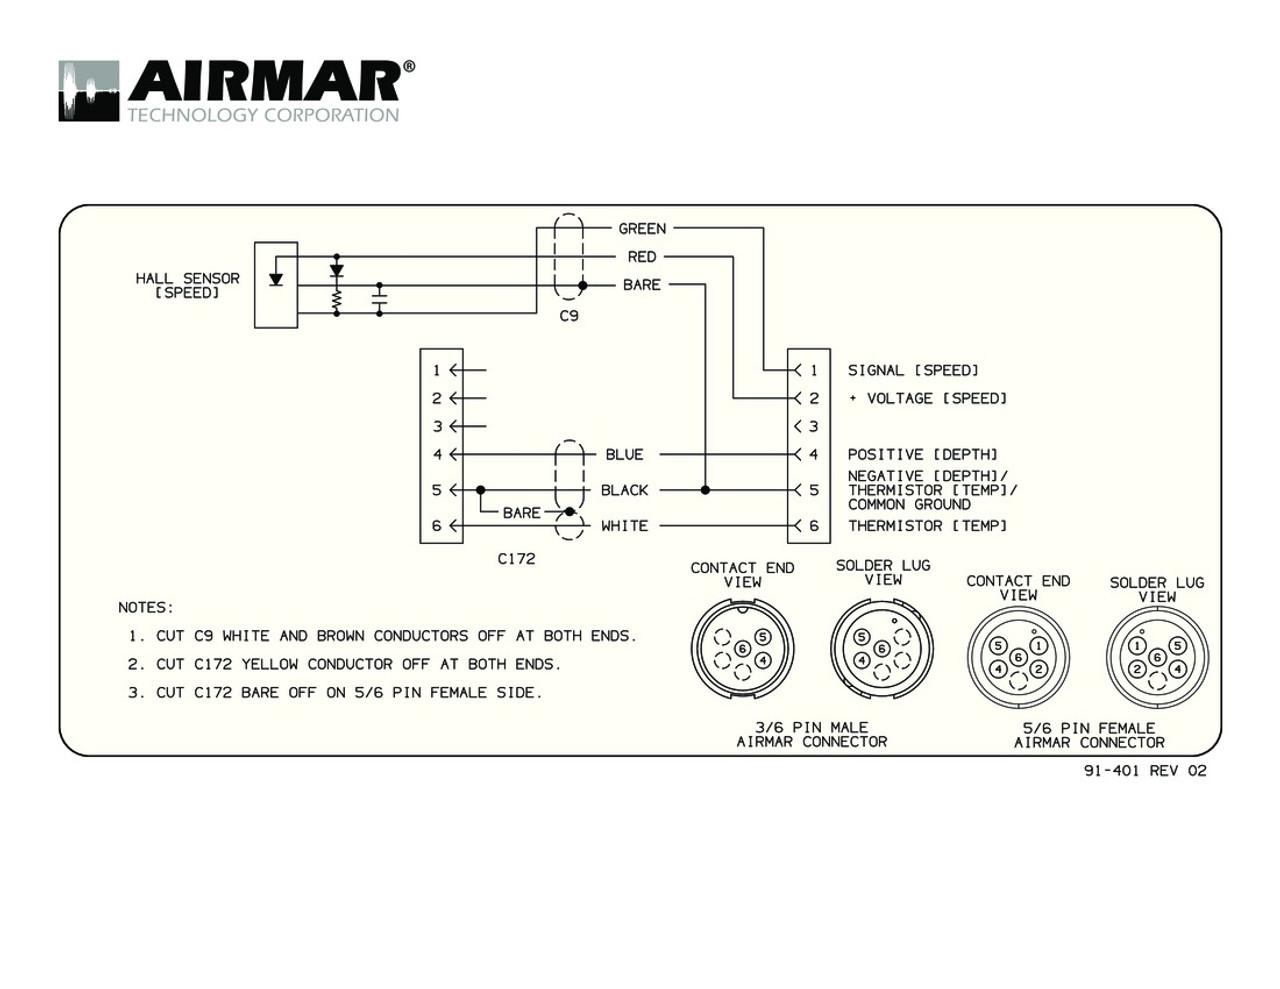 Airmar Wiring Diagram Garmin 6 Pin (s) Blue Bottle Marine 7 Pin Trailer  Brake Wiring Diagram For Trailer Garmin 6 Pin Wiring Diagram